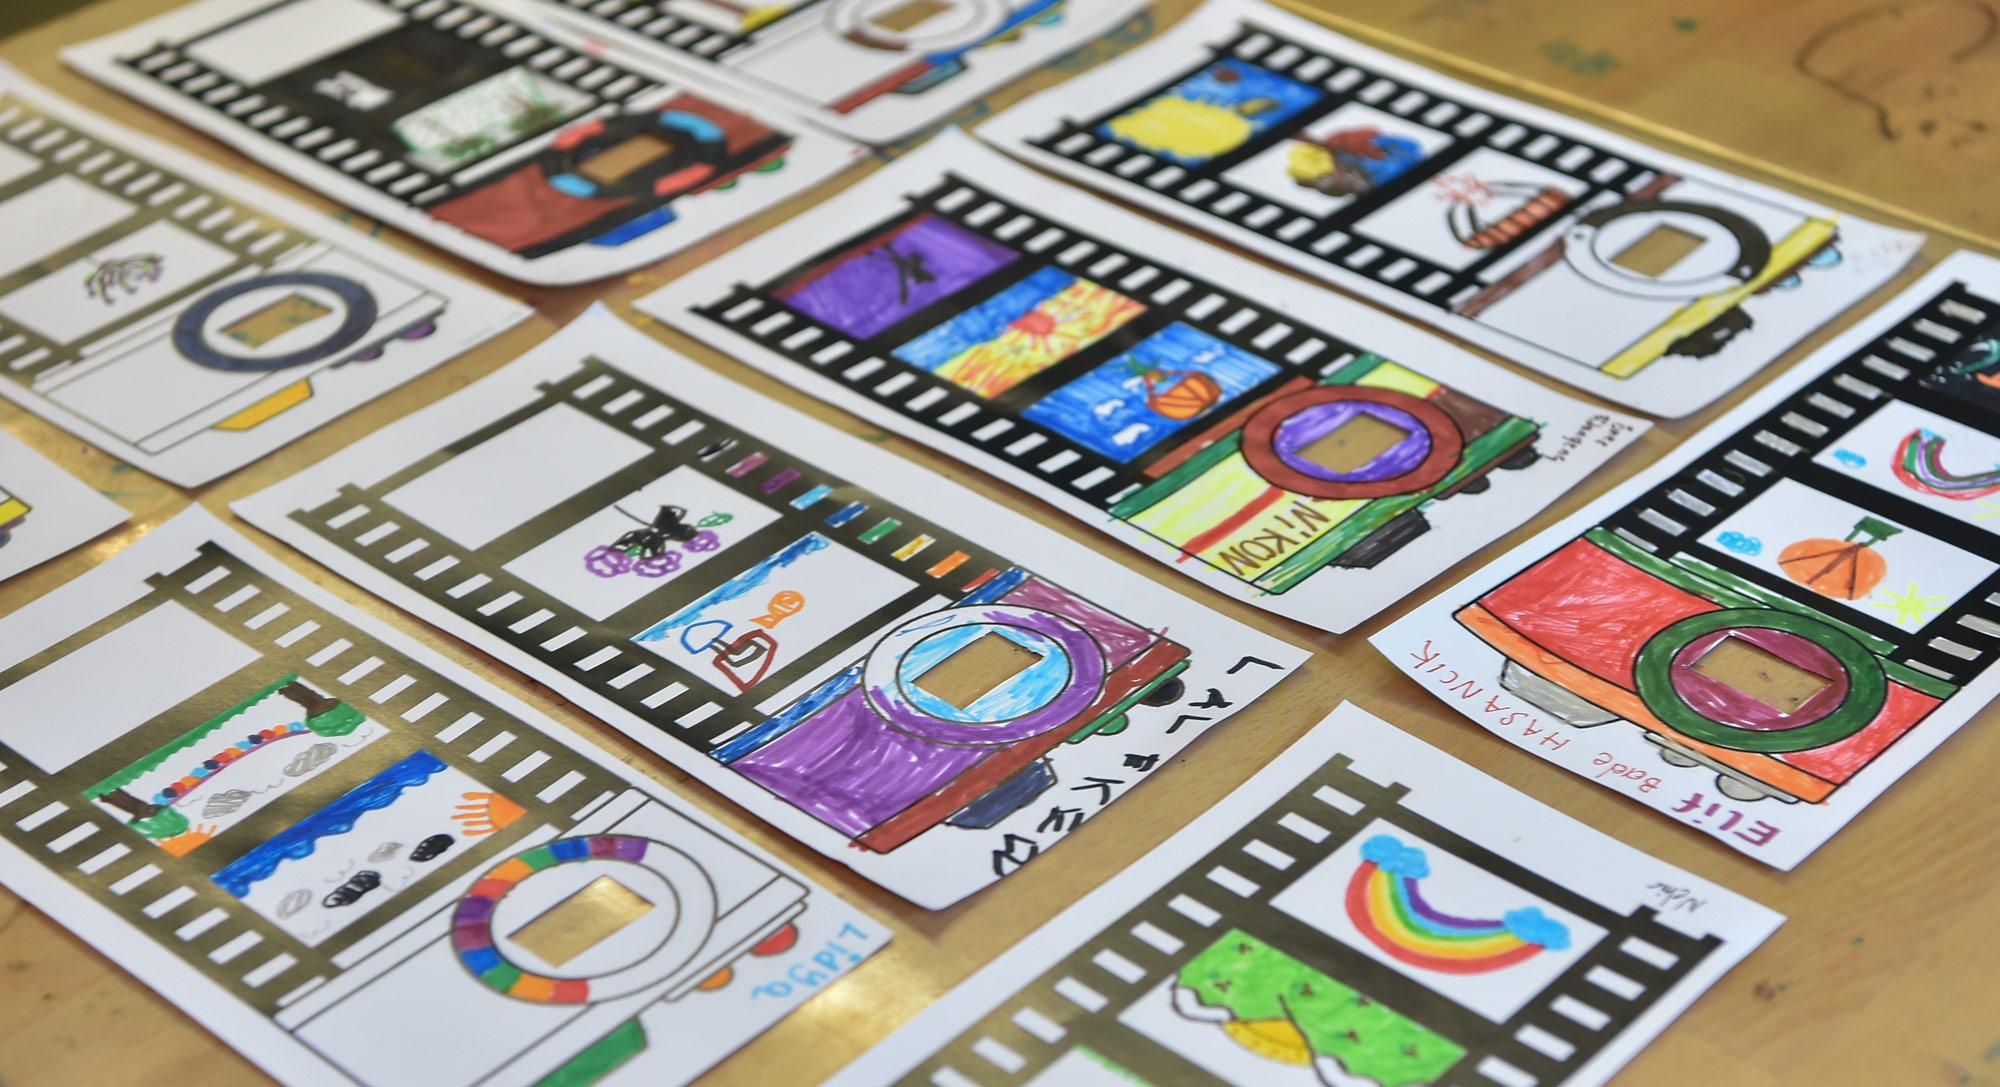 Sabancı Üniversitesi Sakıp Sabancı Müzesi'nden Çocuk Eğitim Programları